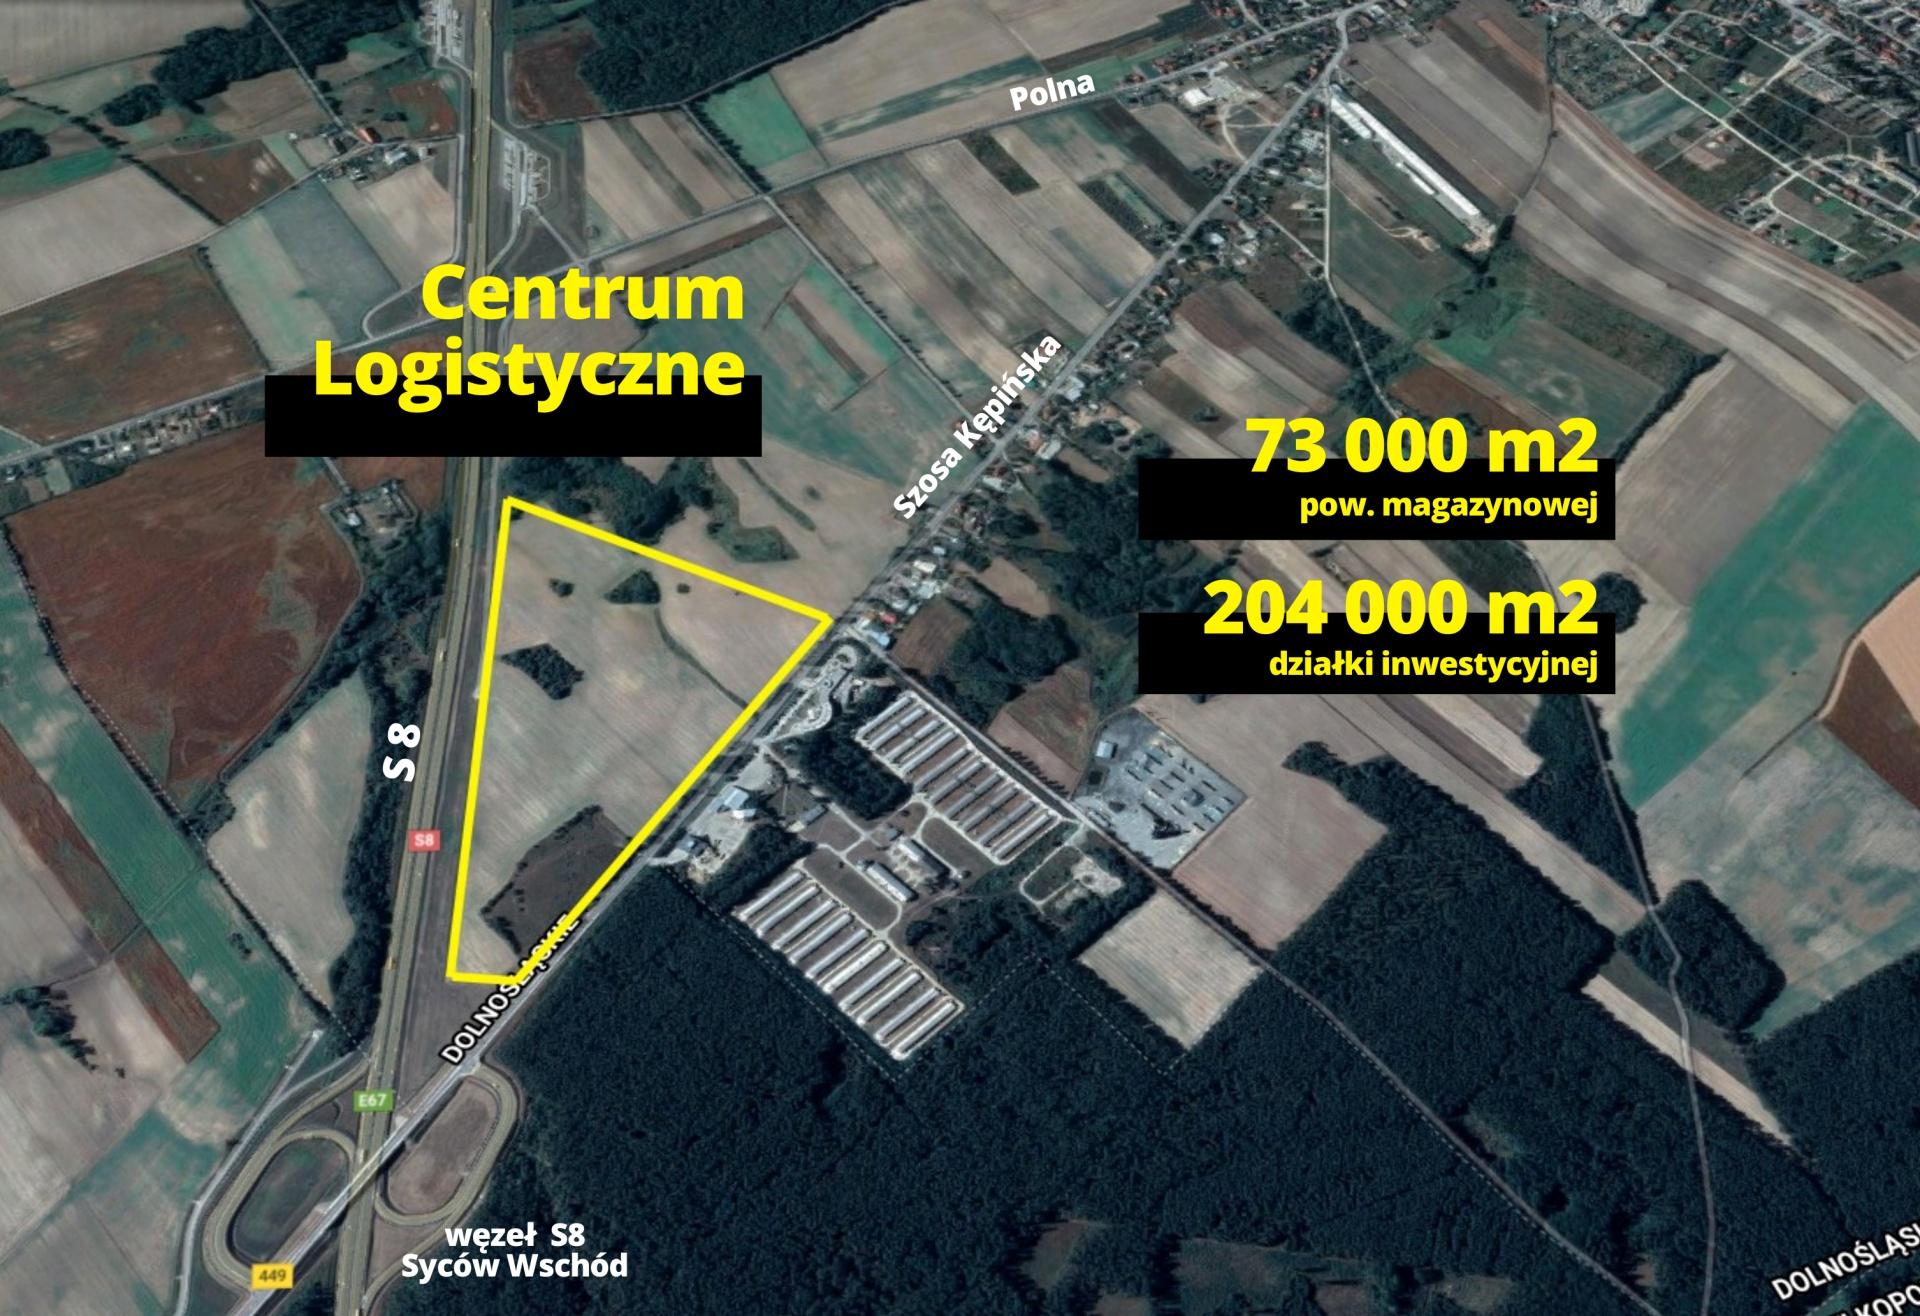 Nowe centrum logistyczne to ogromna inwestycja